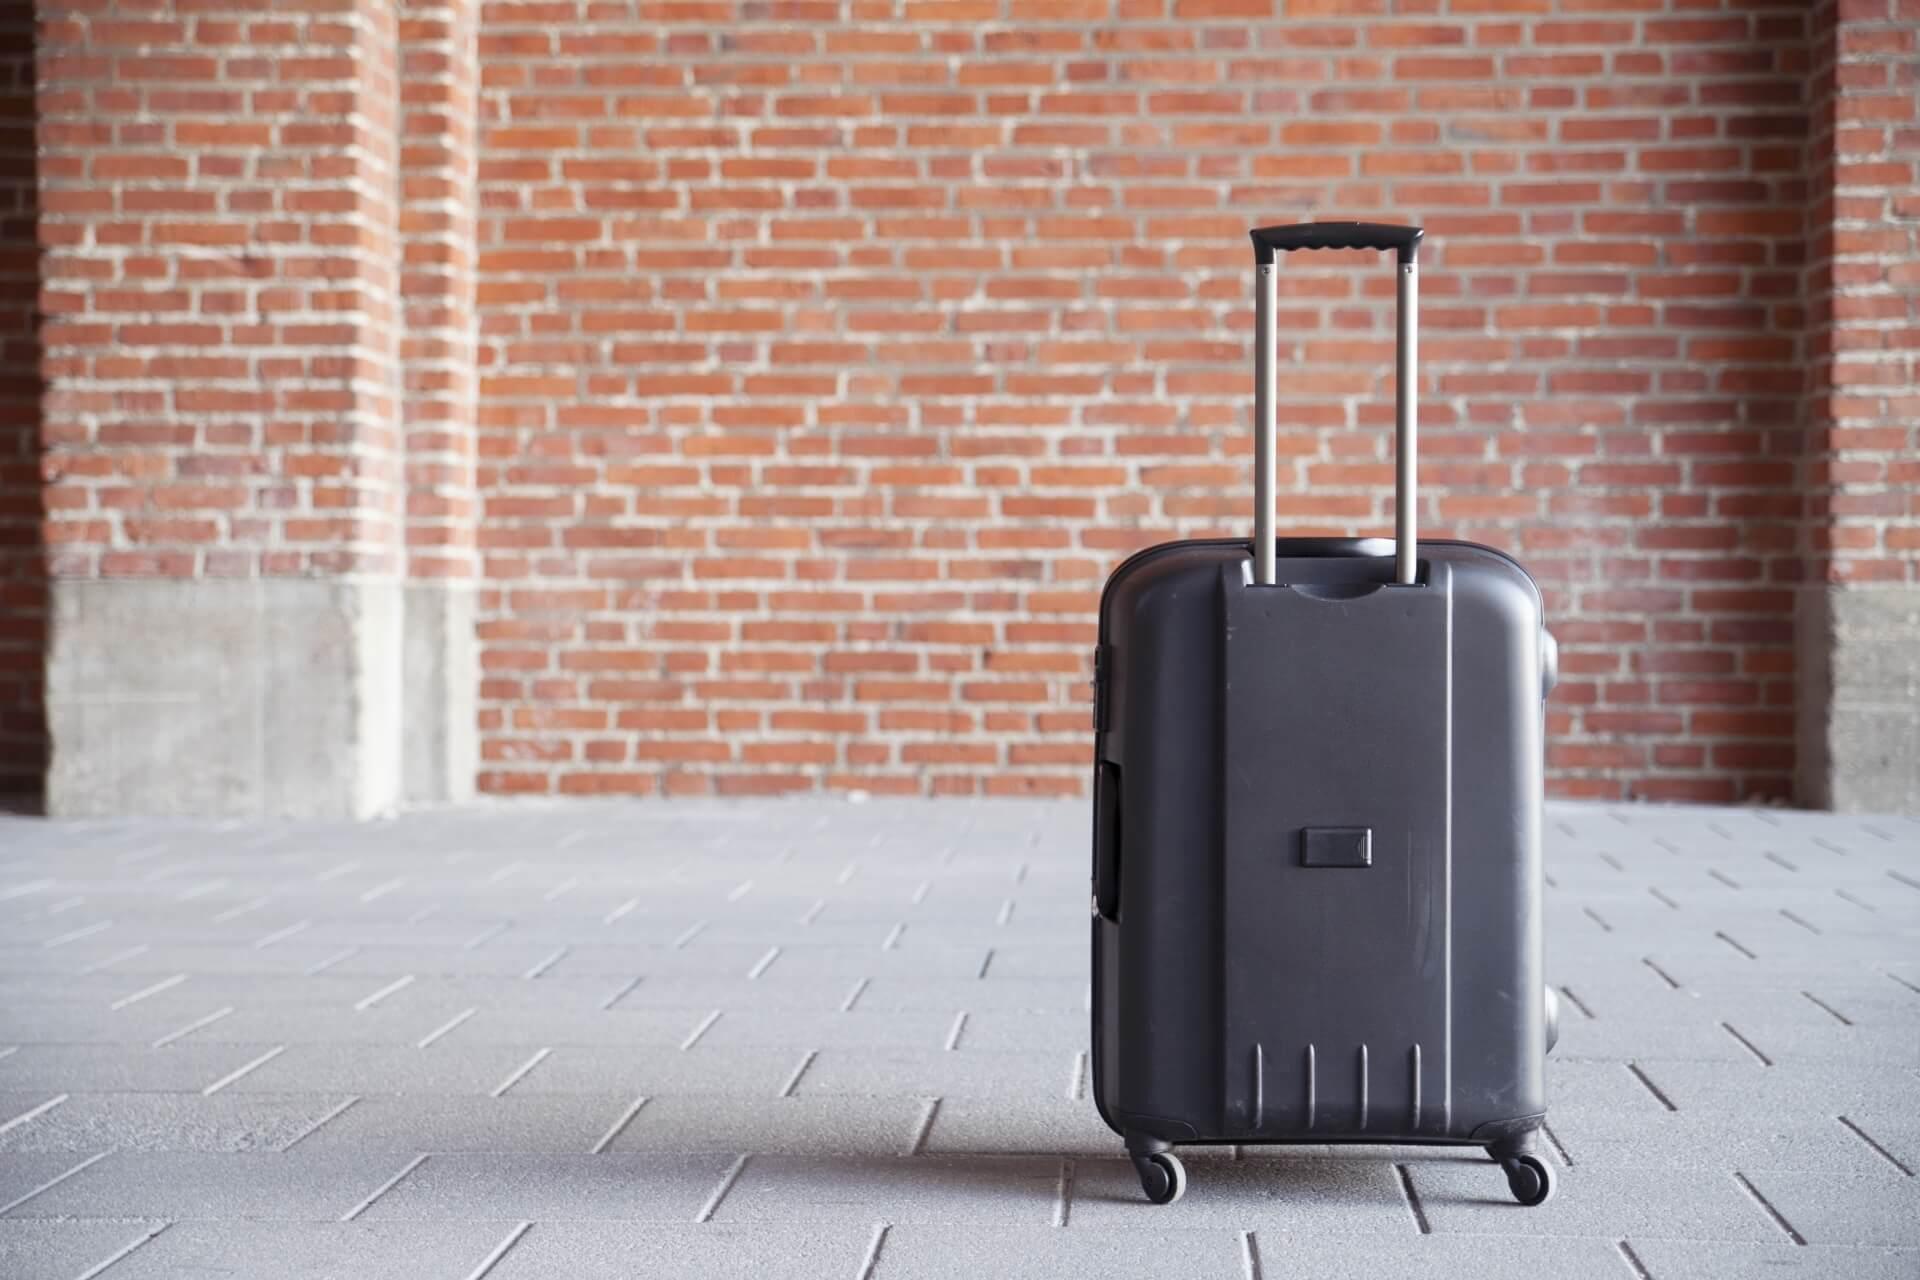 レンガの壁をバックにした伸縮(テレスコープ)ハンドルの黒いスーツケース